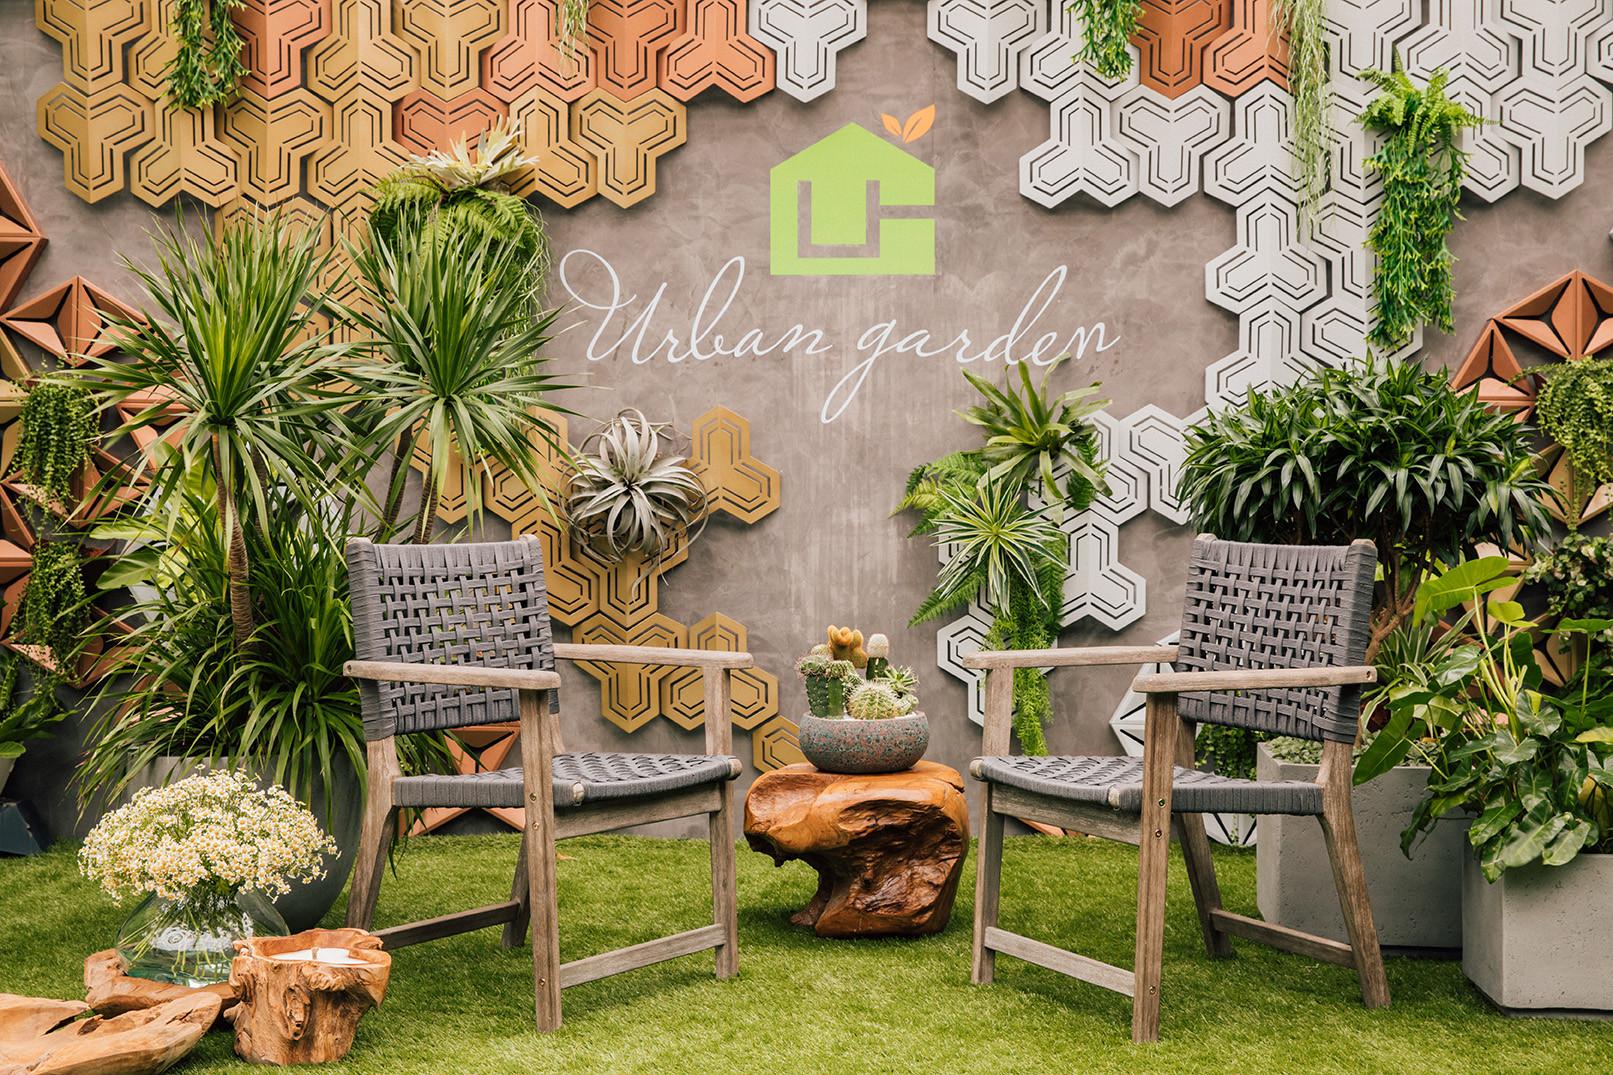 Urban Garden Concept (5).jpg